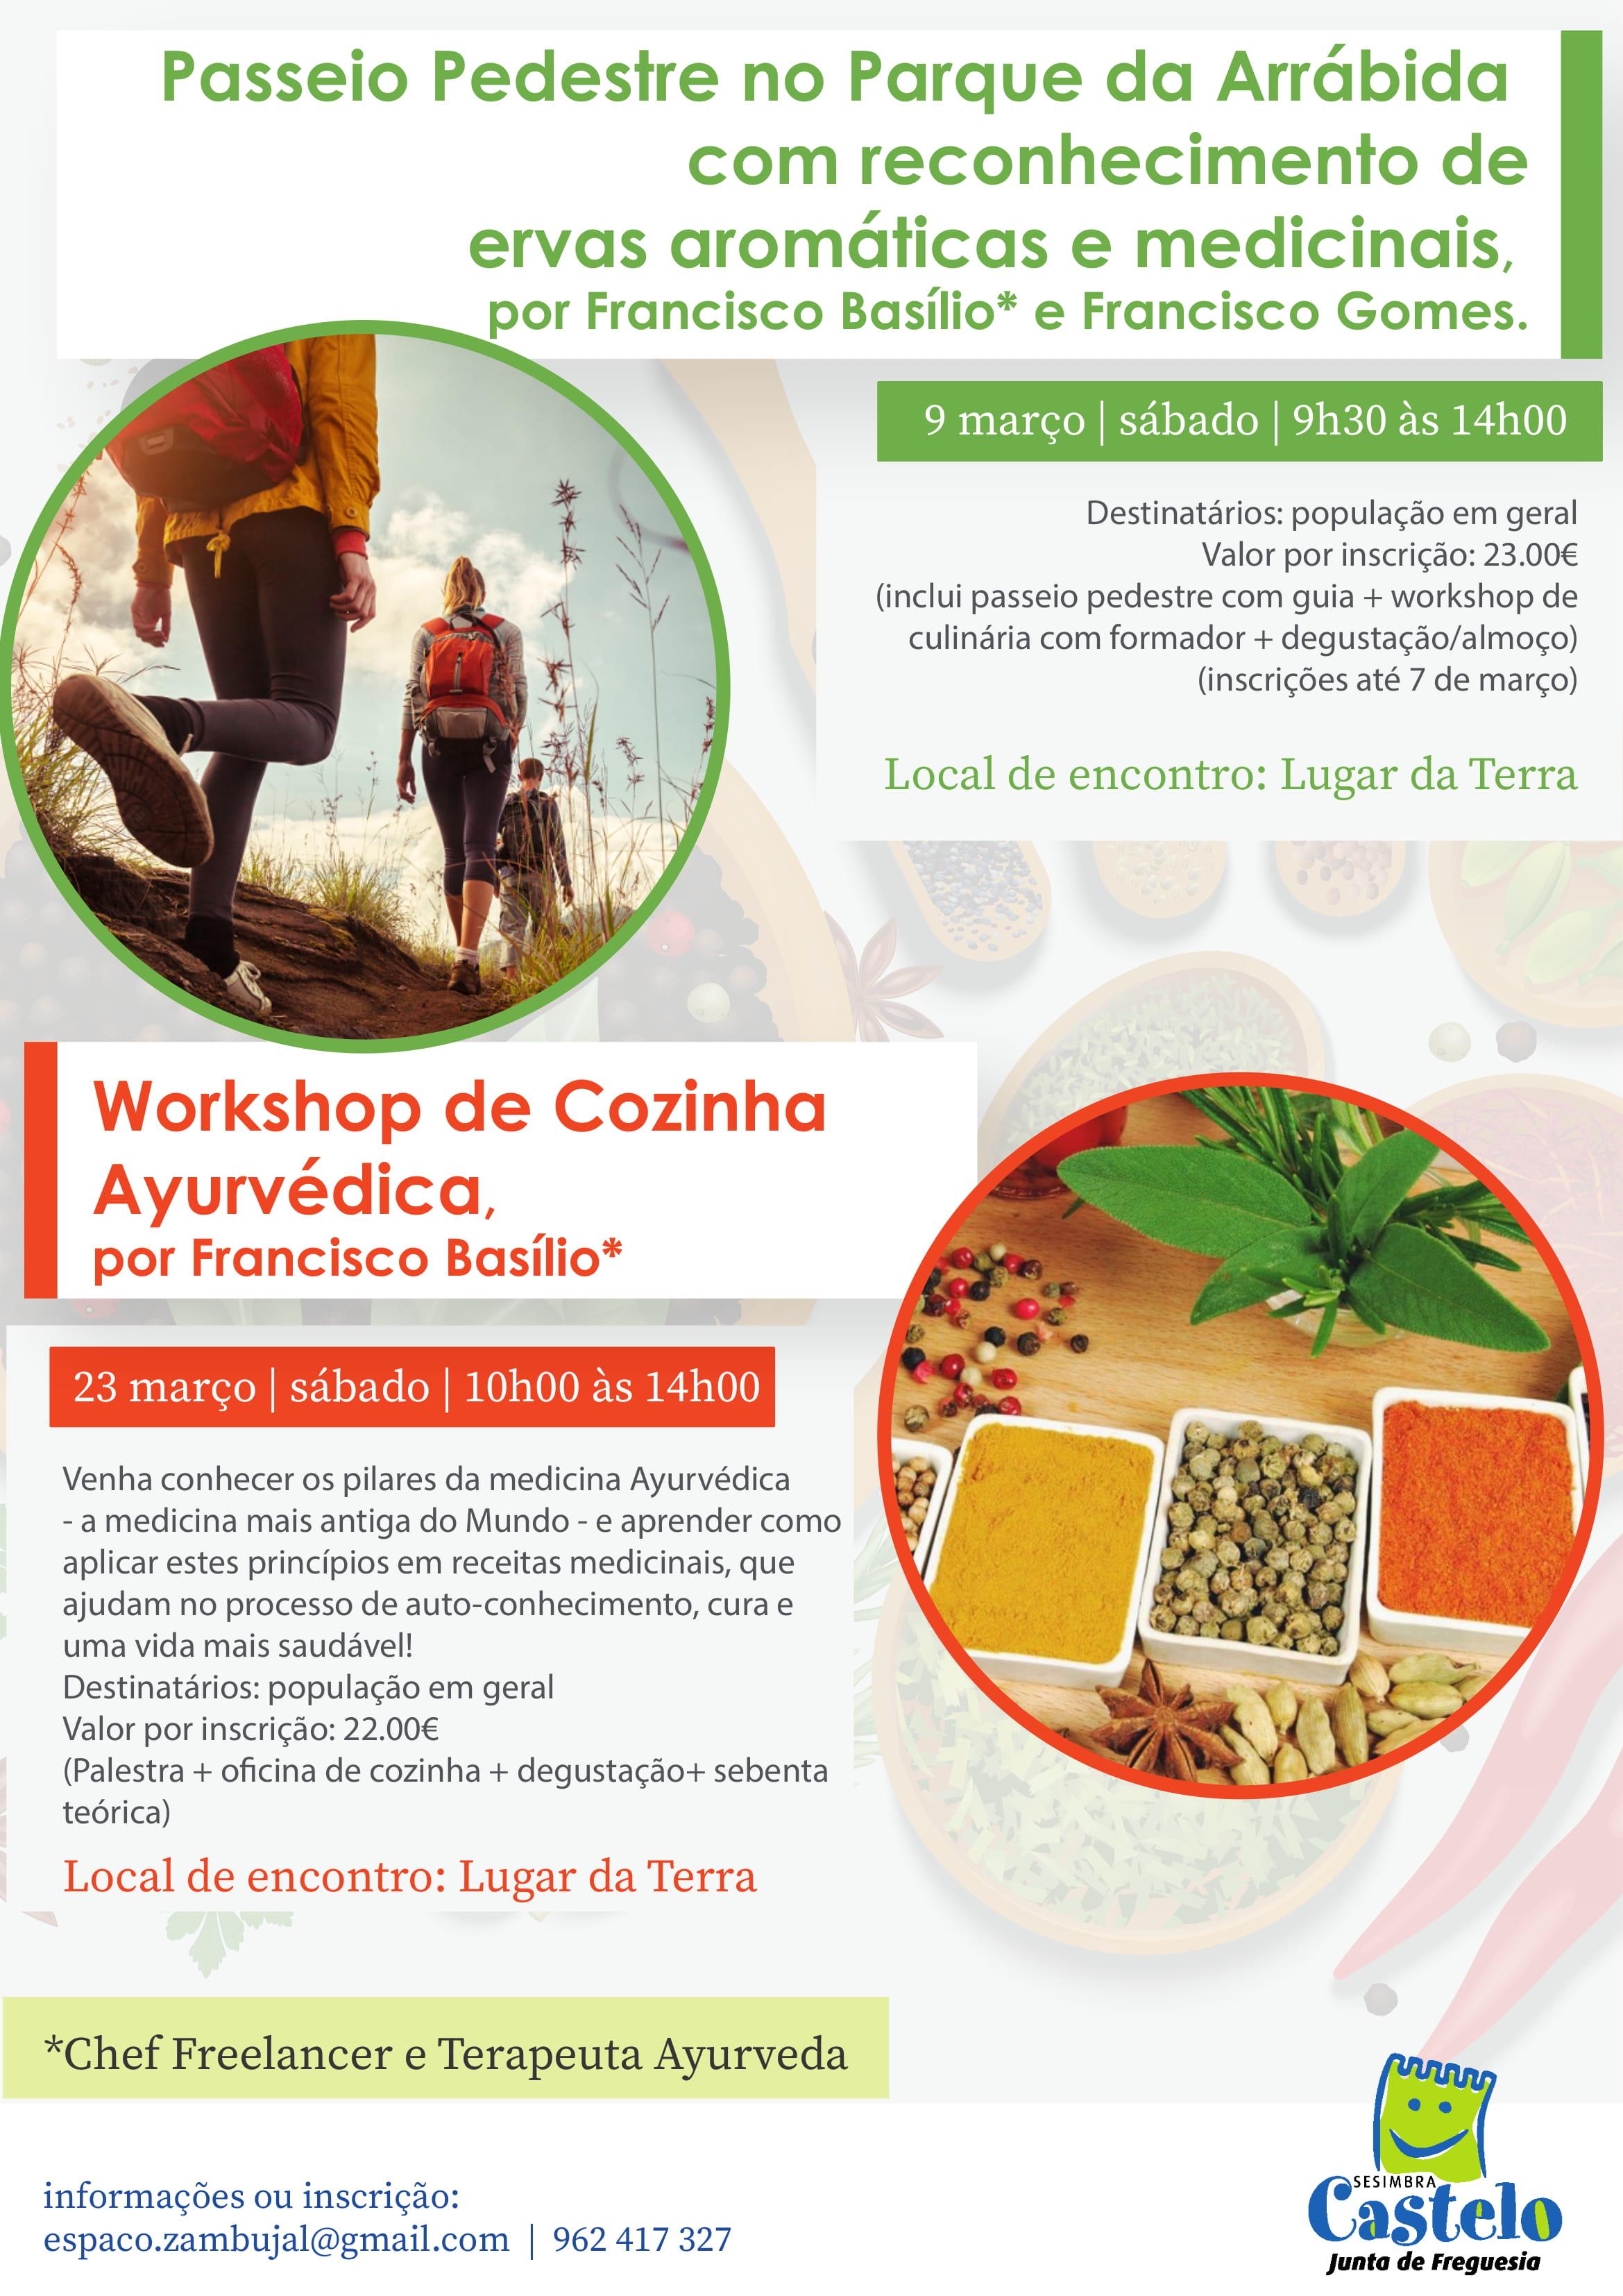 Workshop de Cozinha Ayurvédica